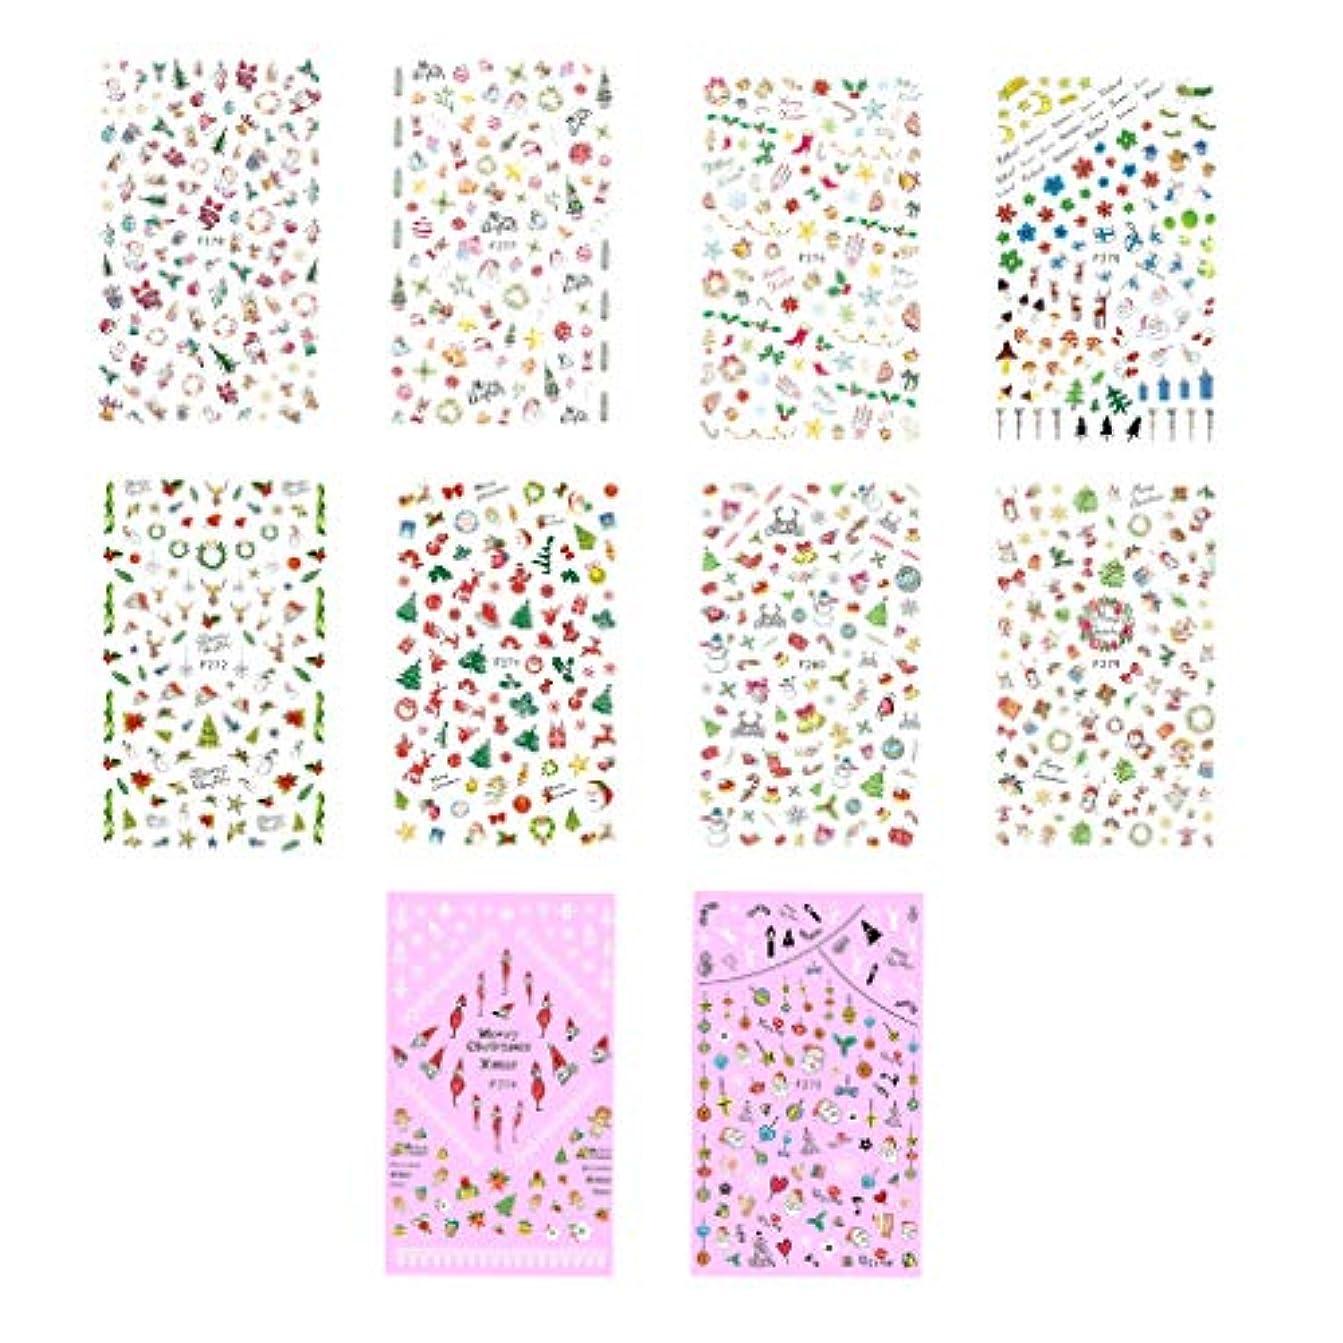 中央値雲眠りDYNWAVE 10枚のかわいい漫画のパターンネイルアートステッカースマートラブリーネイルデカール